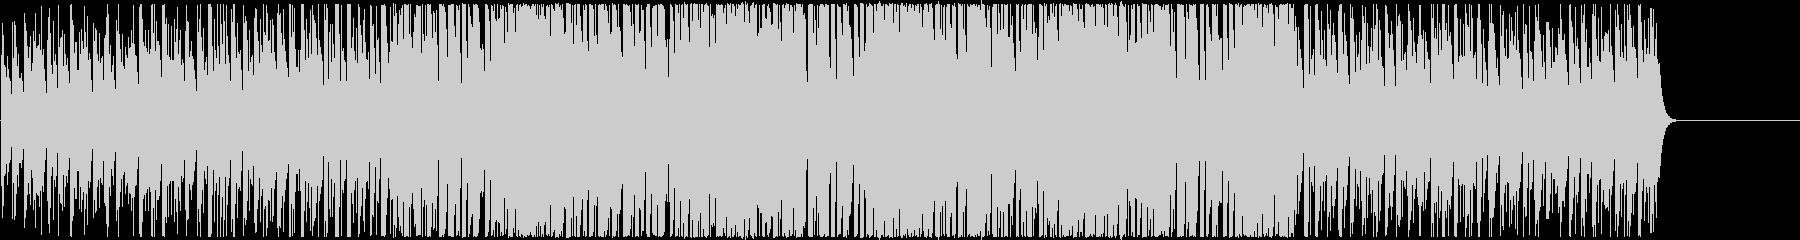 ワクワク感のあるシンセの4つ打ちBGMの未再生の波形